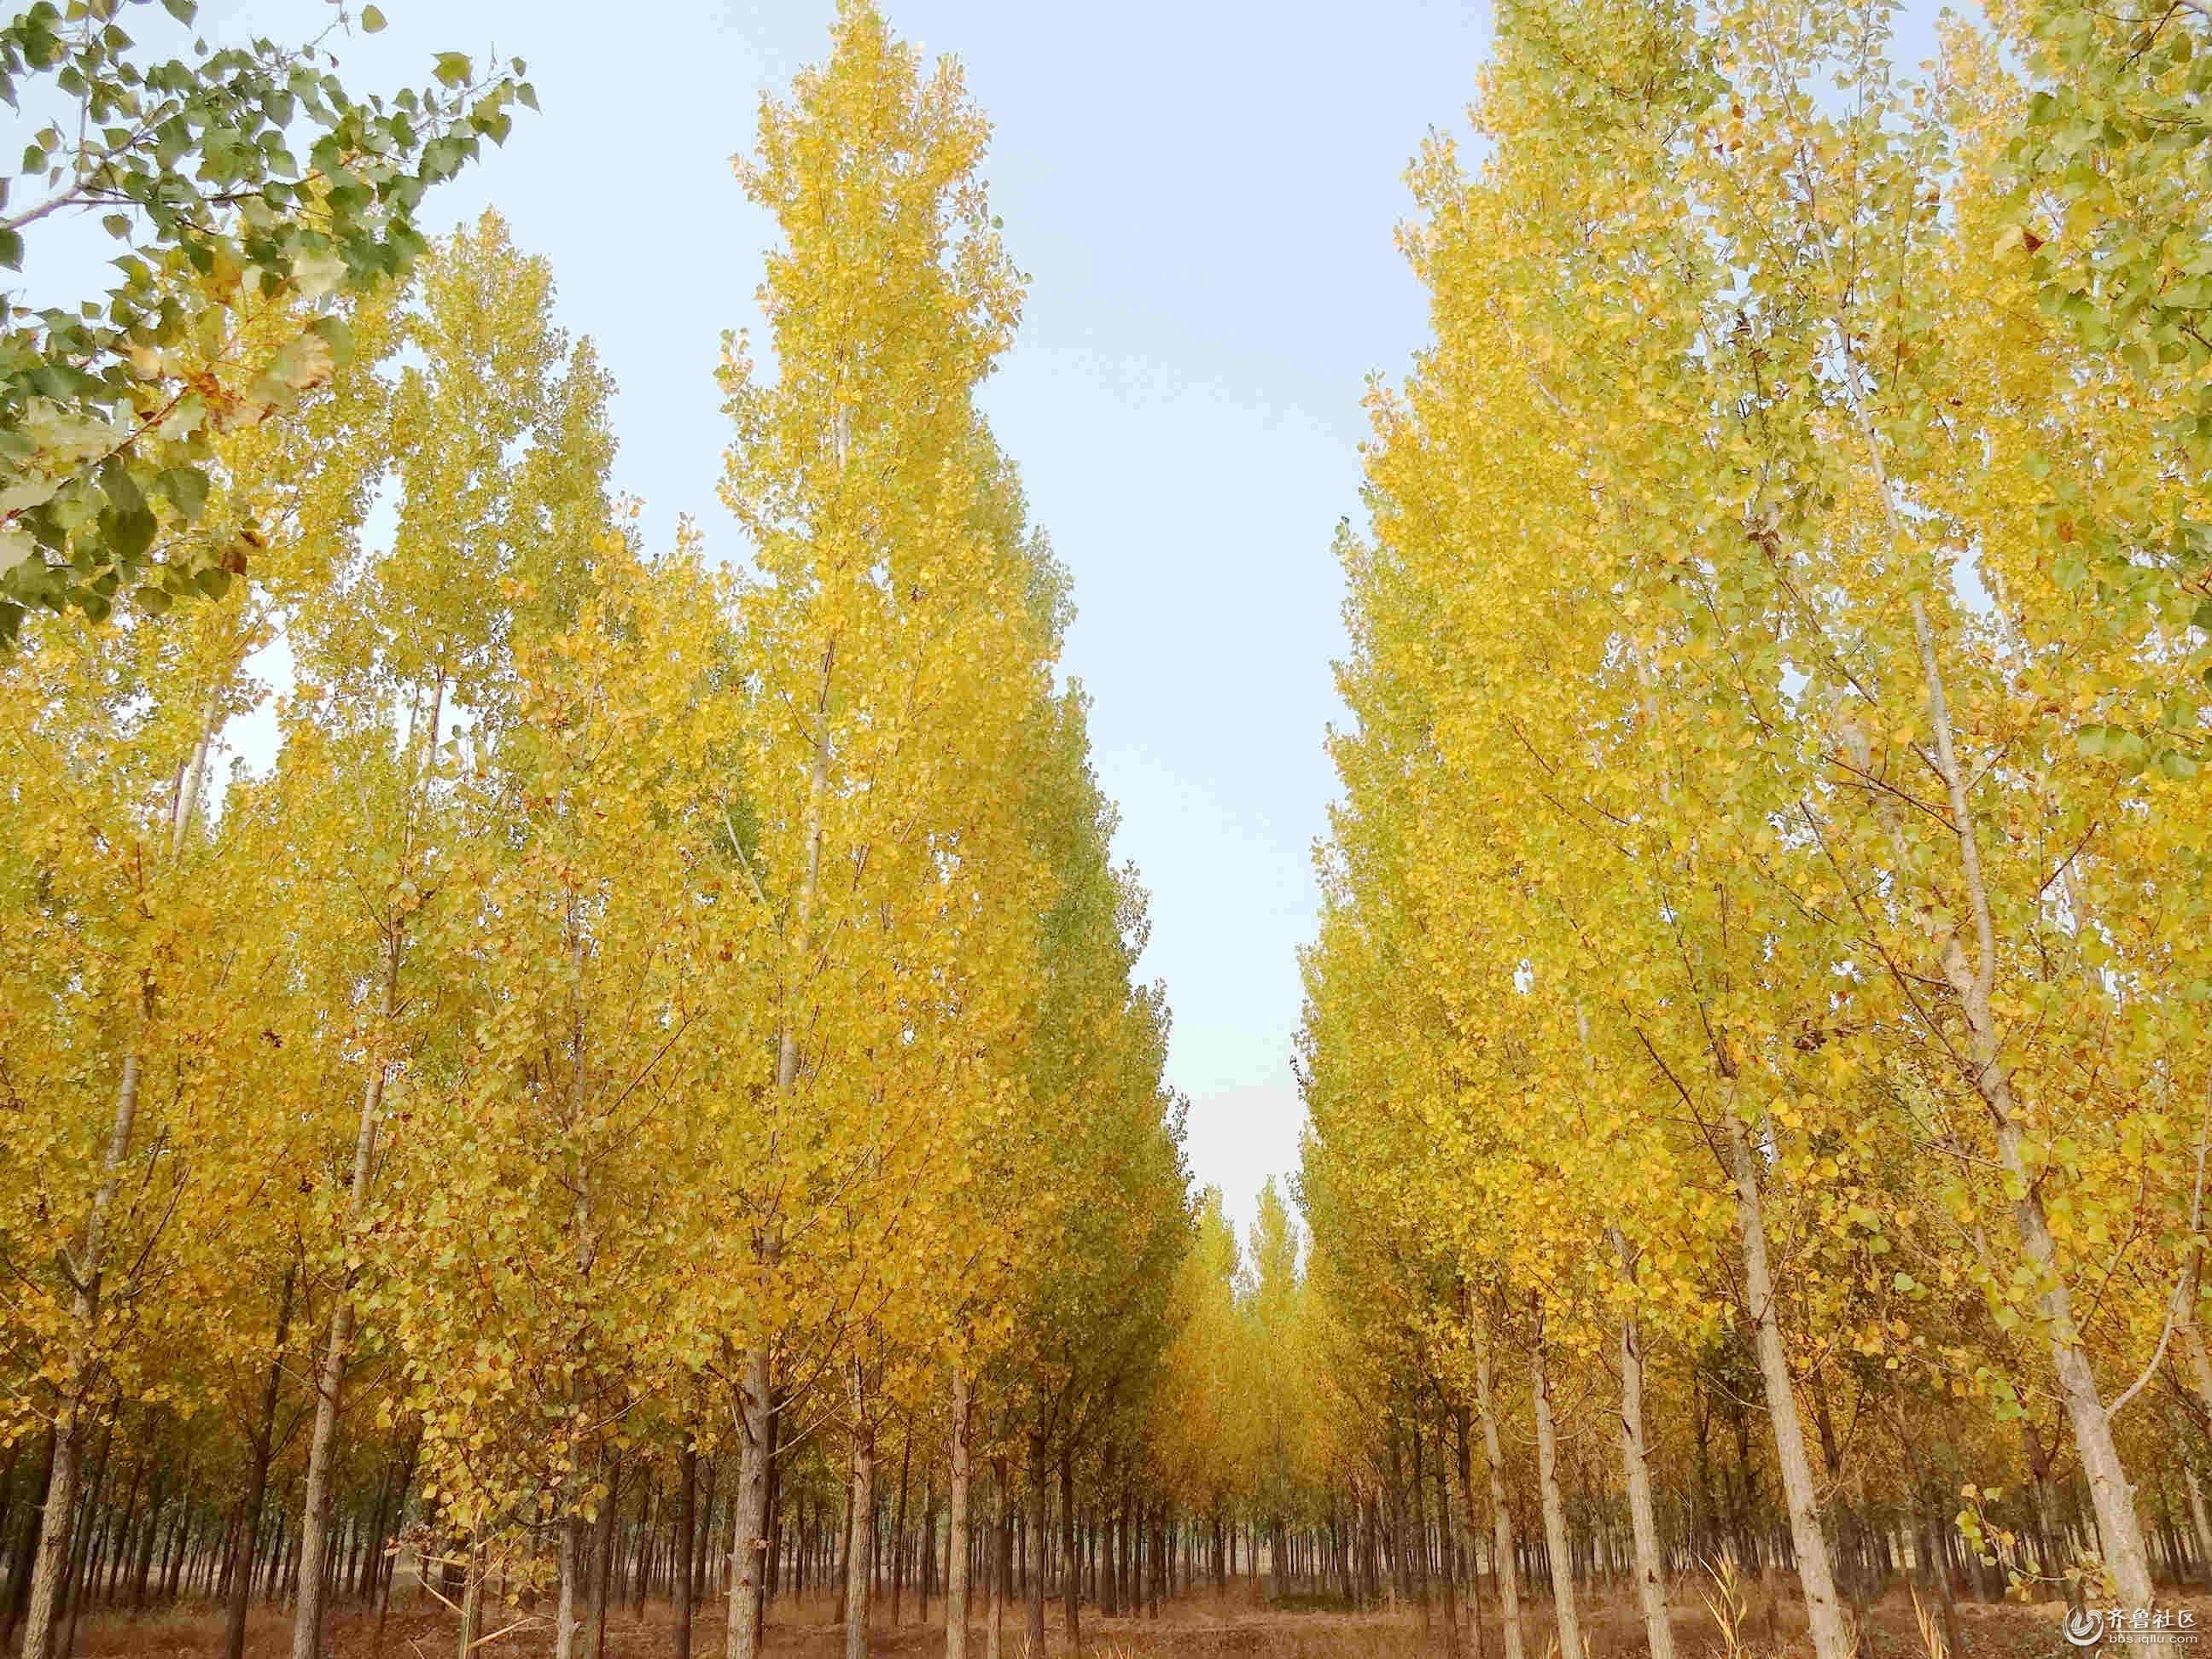 远远望去,那银杏树叶像穿上秋姑娘给他们量身定做的衣裳,一阵秋风吹